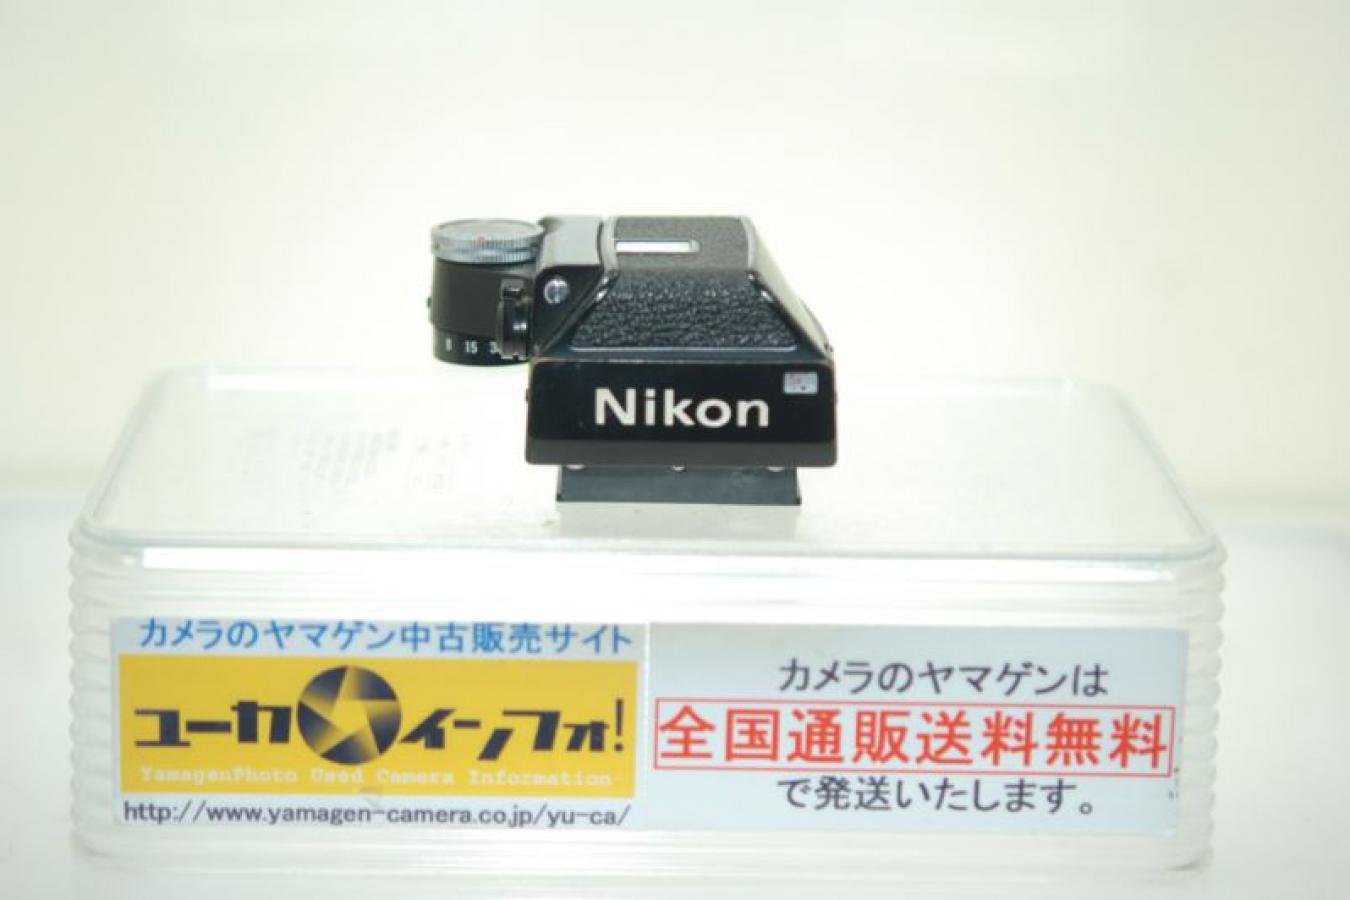 ニコン F2用フォトミックファインダー DP-1